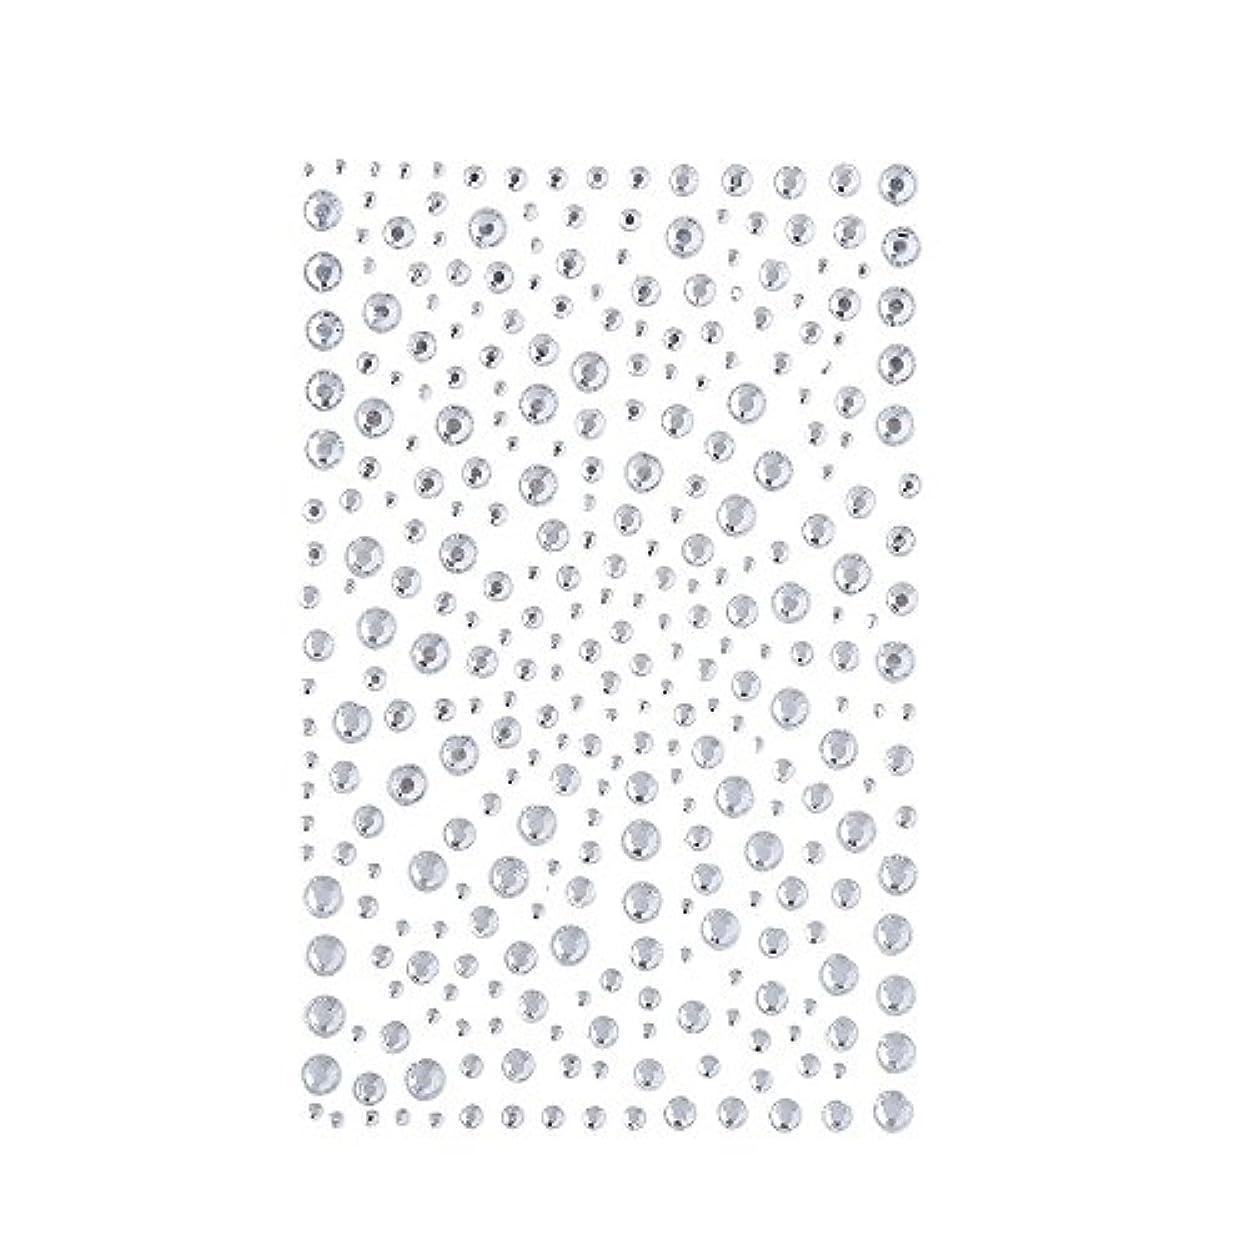 キー背骨冒険ラインストーン 人工ダイヤモンド スワロフスキー ホットフィックス 325粒 (白)